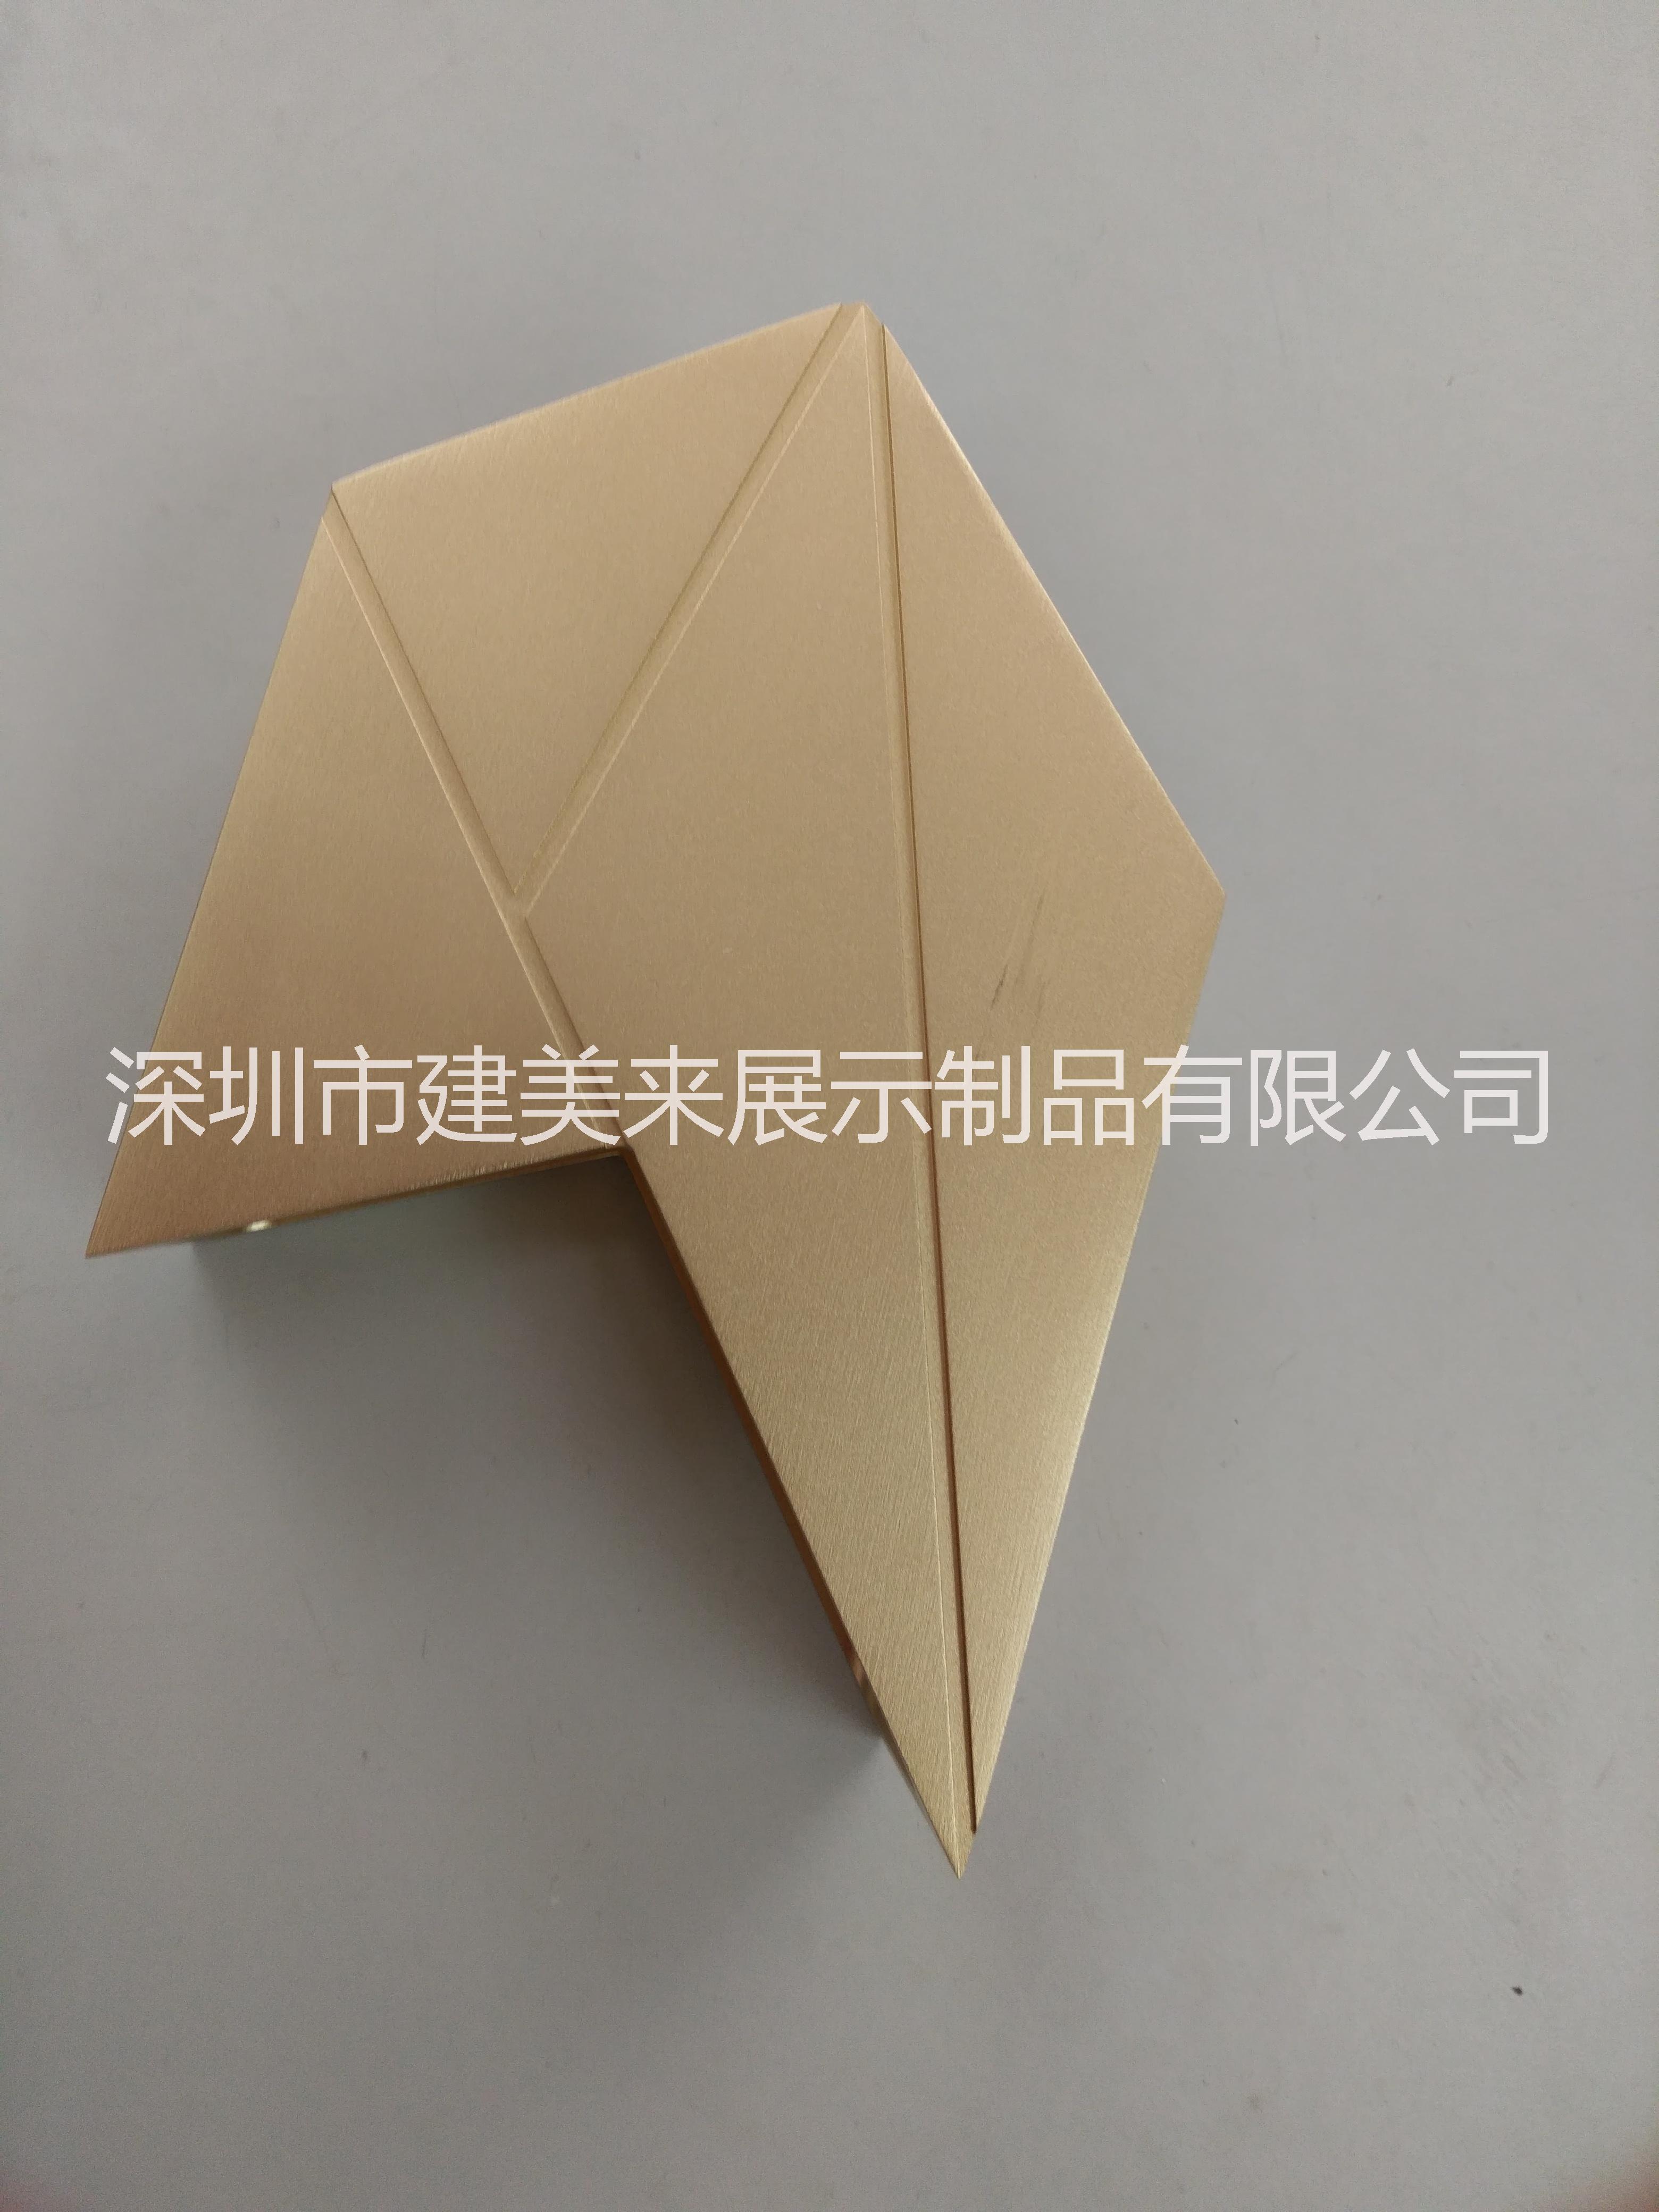 供应用于展示产品的奖牌 展示架 奖牌 展示道具